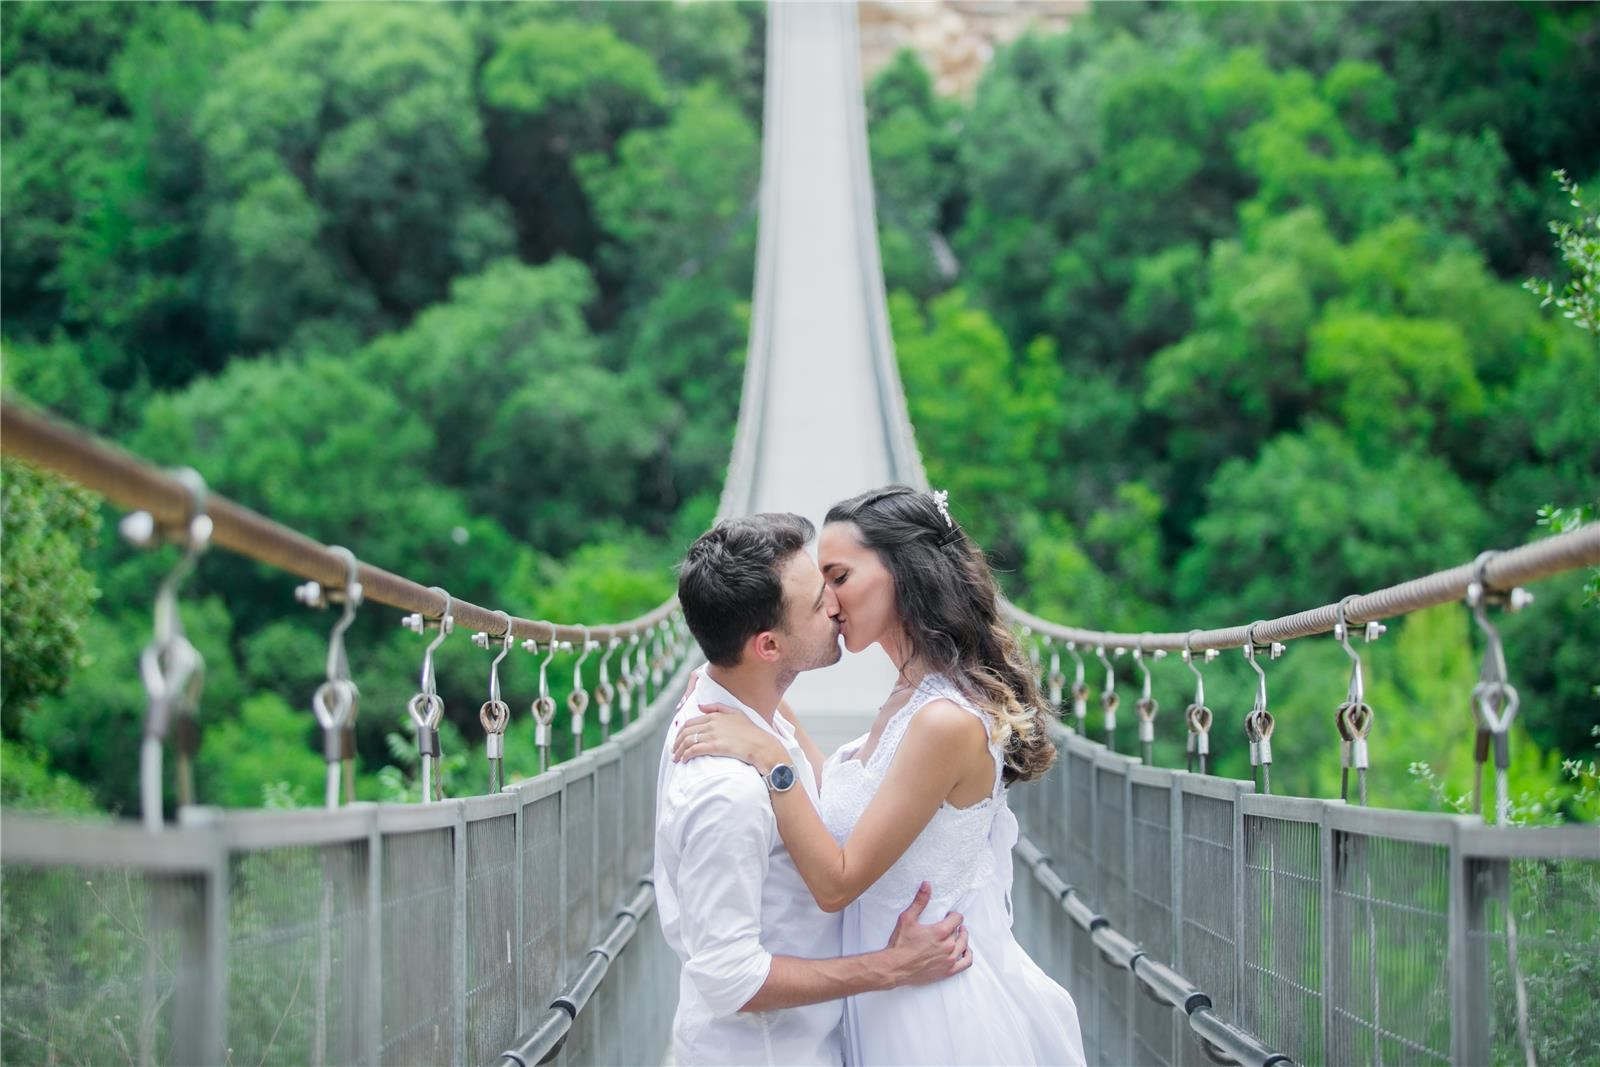 זוג על גשר (צילום: דניאל -stravo)